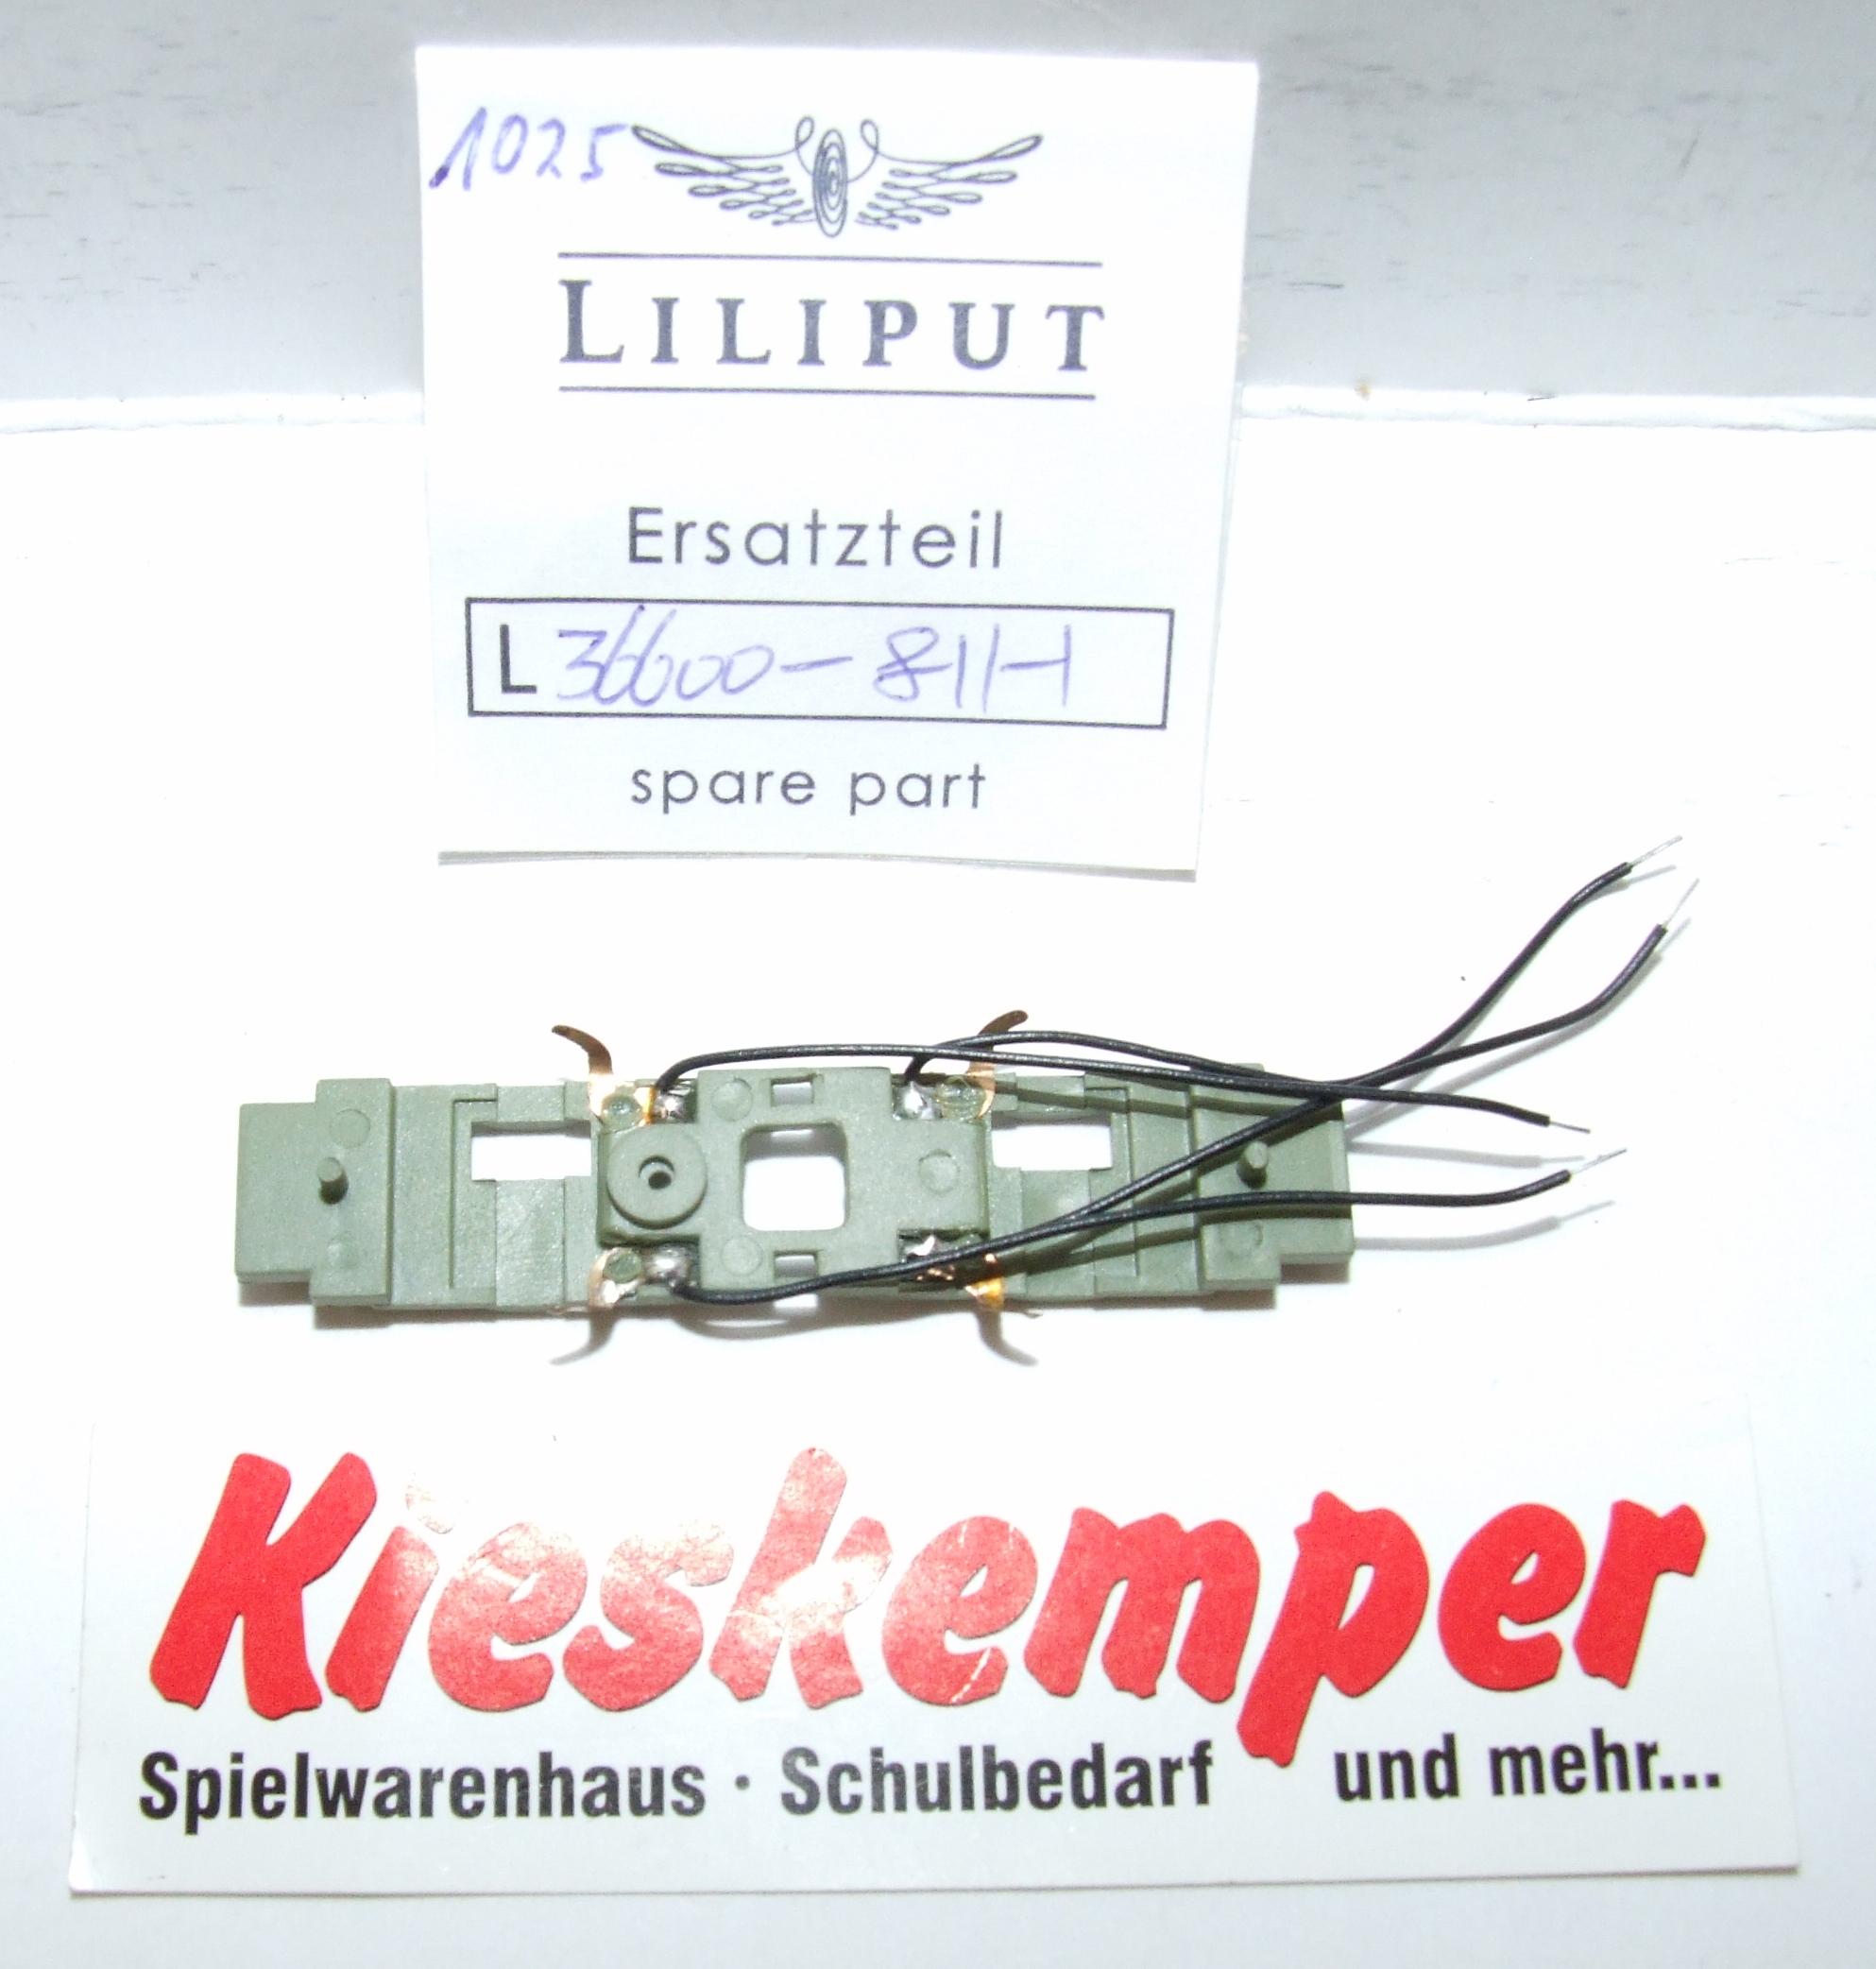 LO1025 Liliput H0 L 366008111 Radkontakte komplett (grün) Ersatzteil für Panzer Zug Wehrmacht